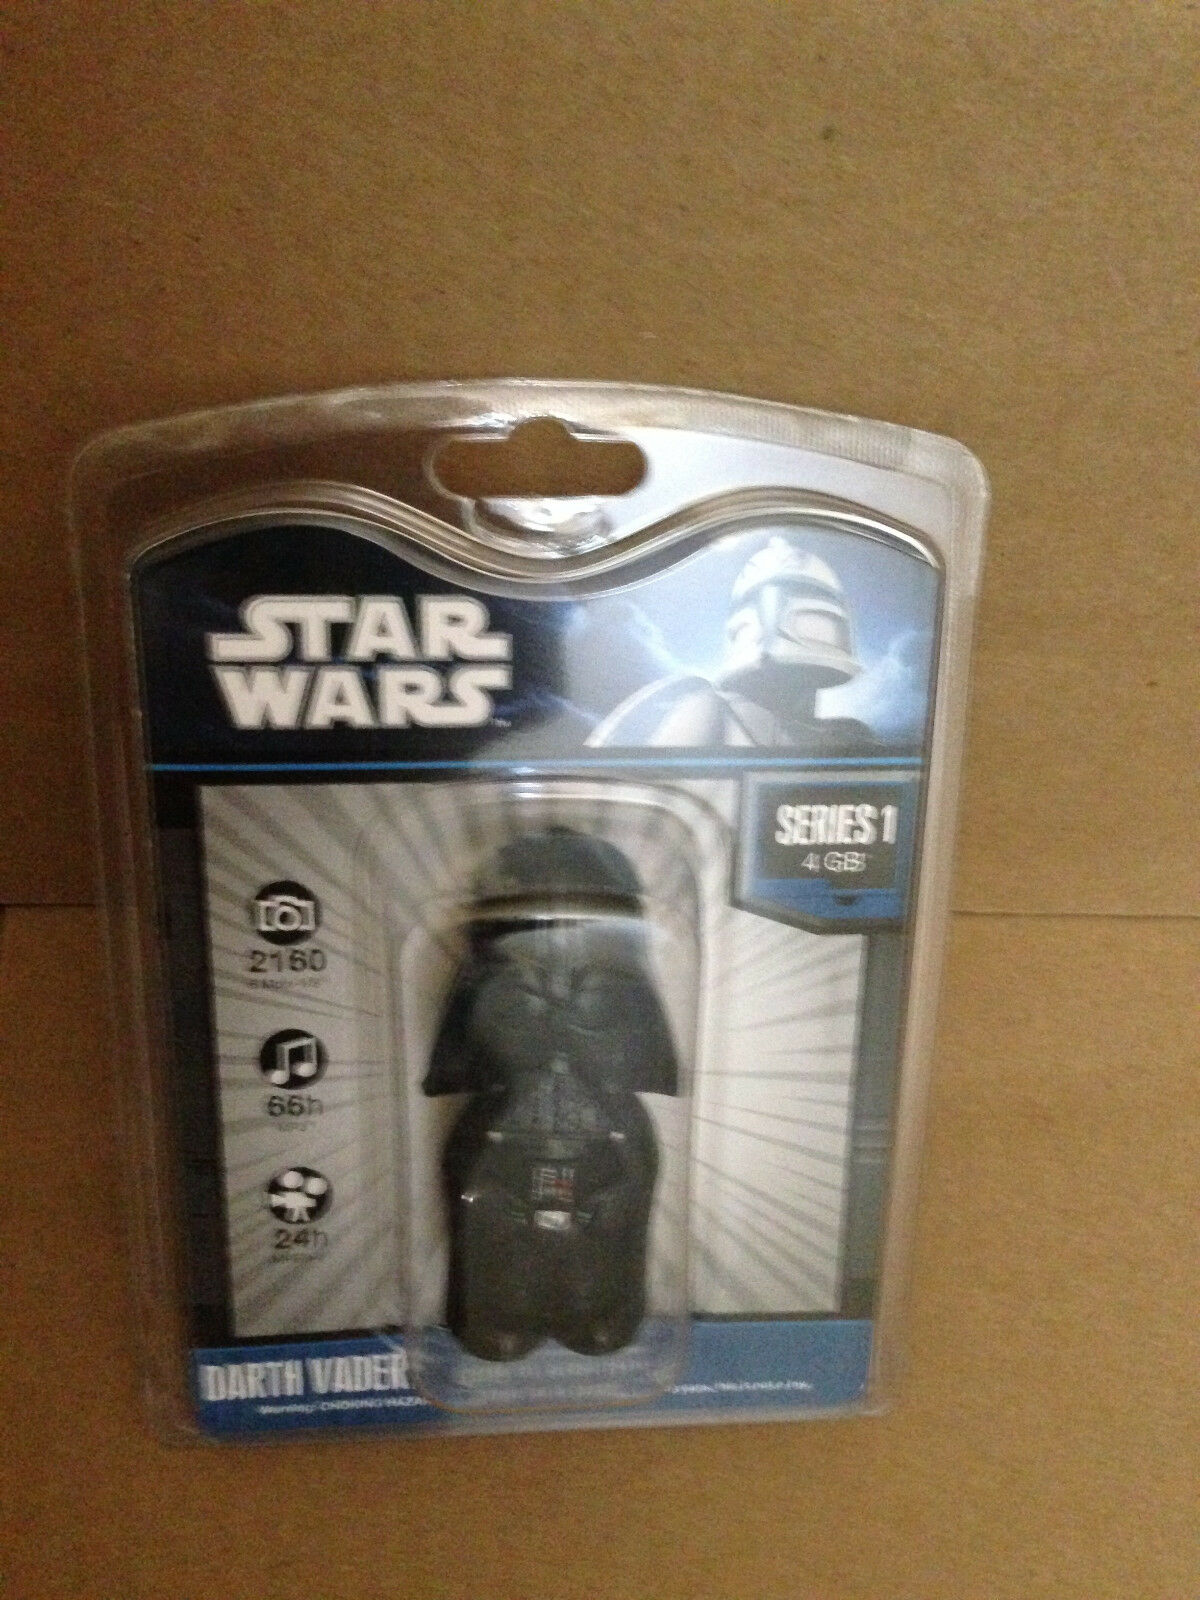 Star - wars - reihe 1 - usb drive 4 gb flash drive usb - darth vader 9d13be